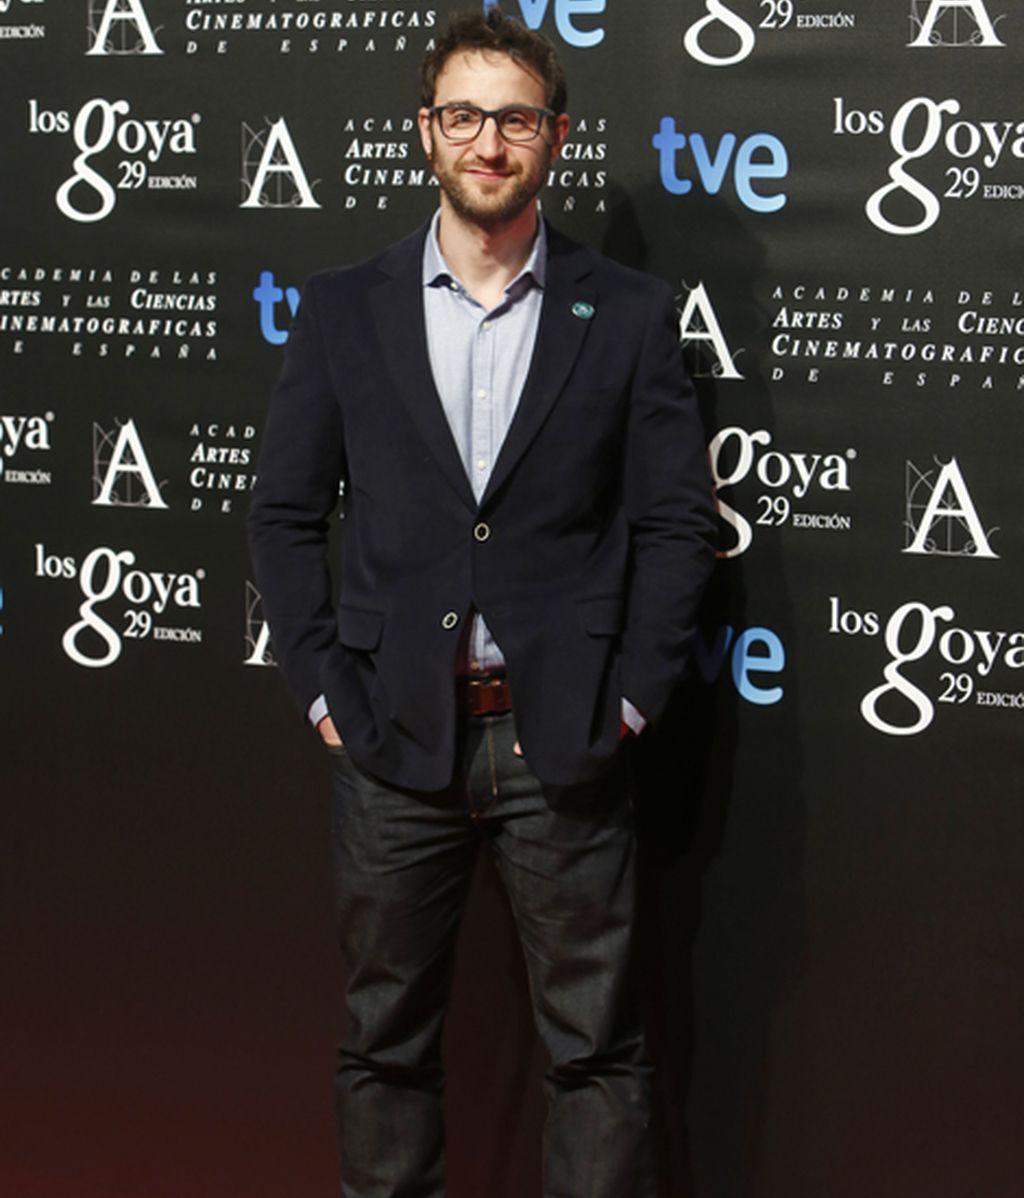 Pasarela de los nominados a los Goya 2015